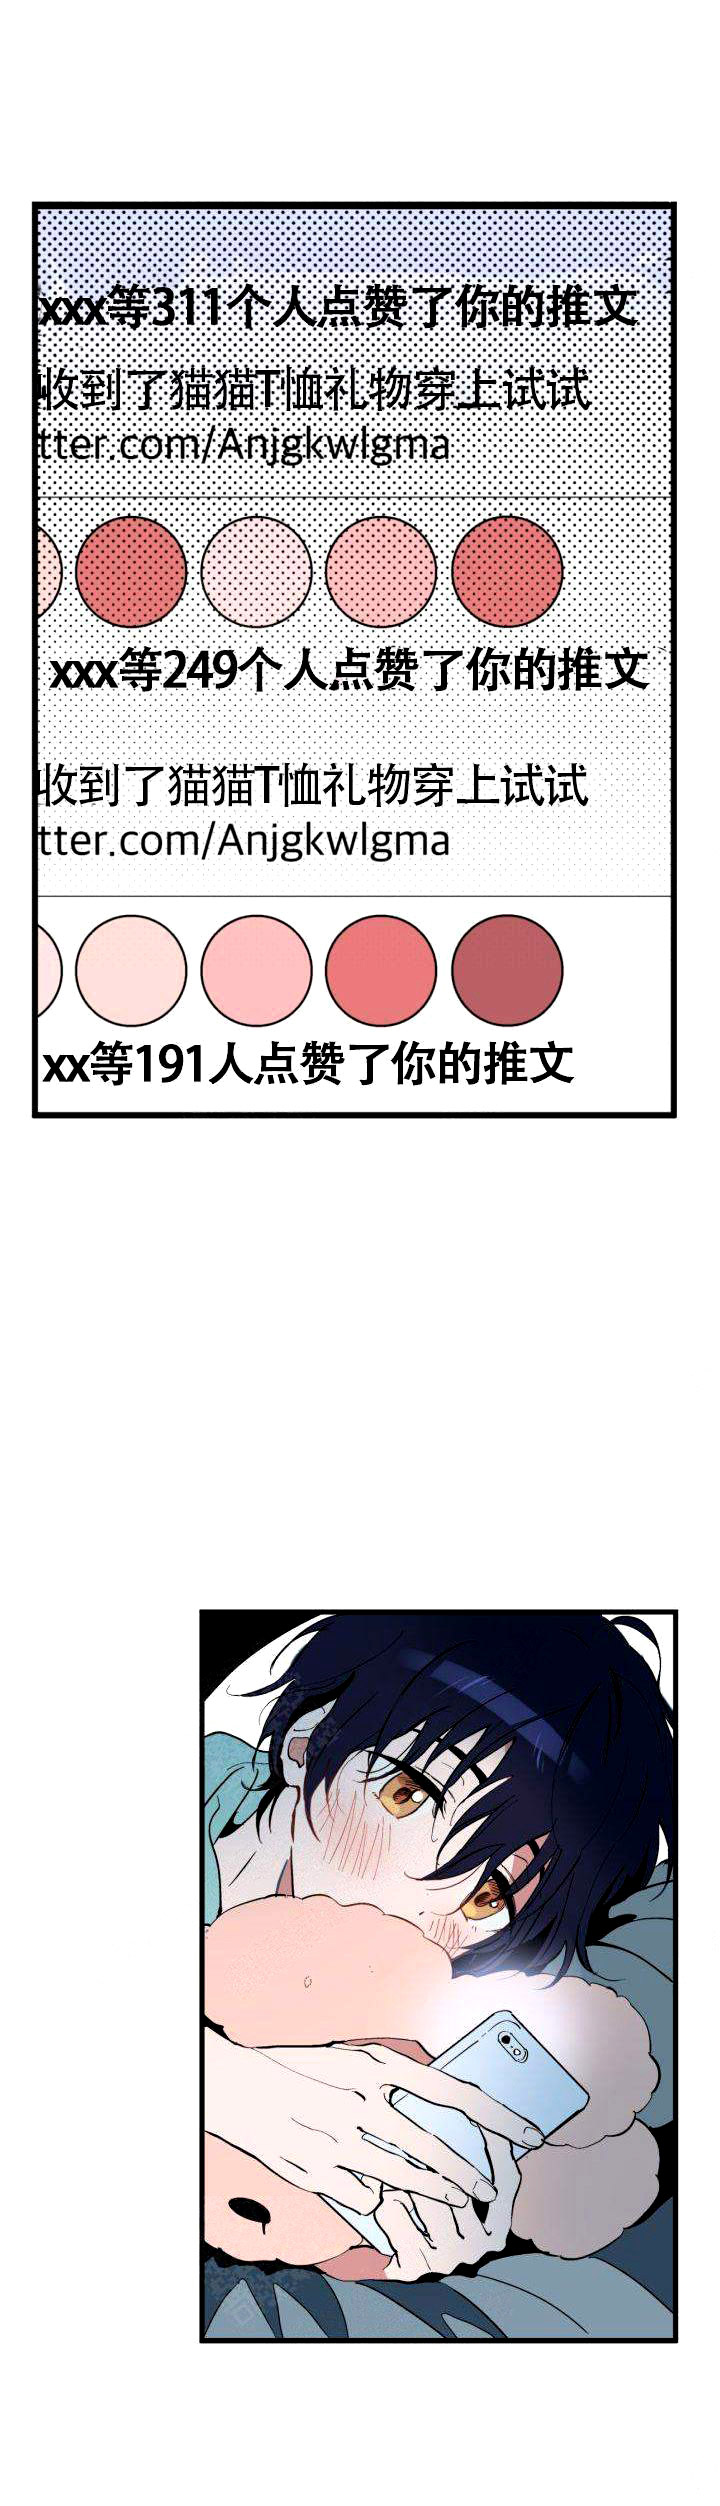 一见倾心-漫画完整版汉化_最新连载首发-啵乐漫画